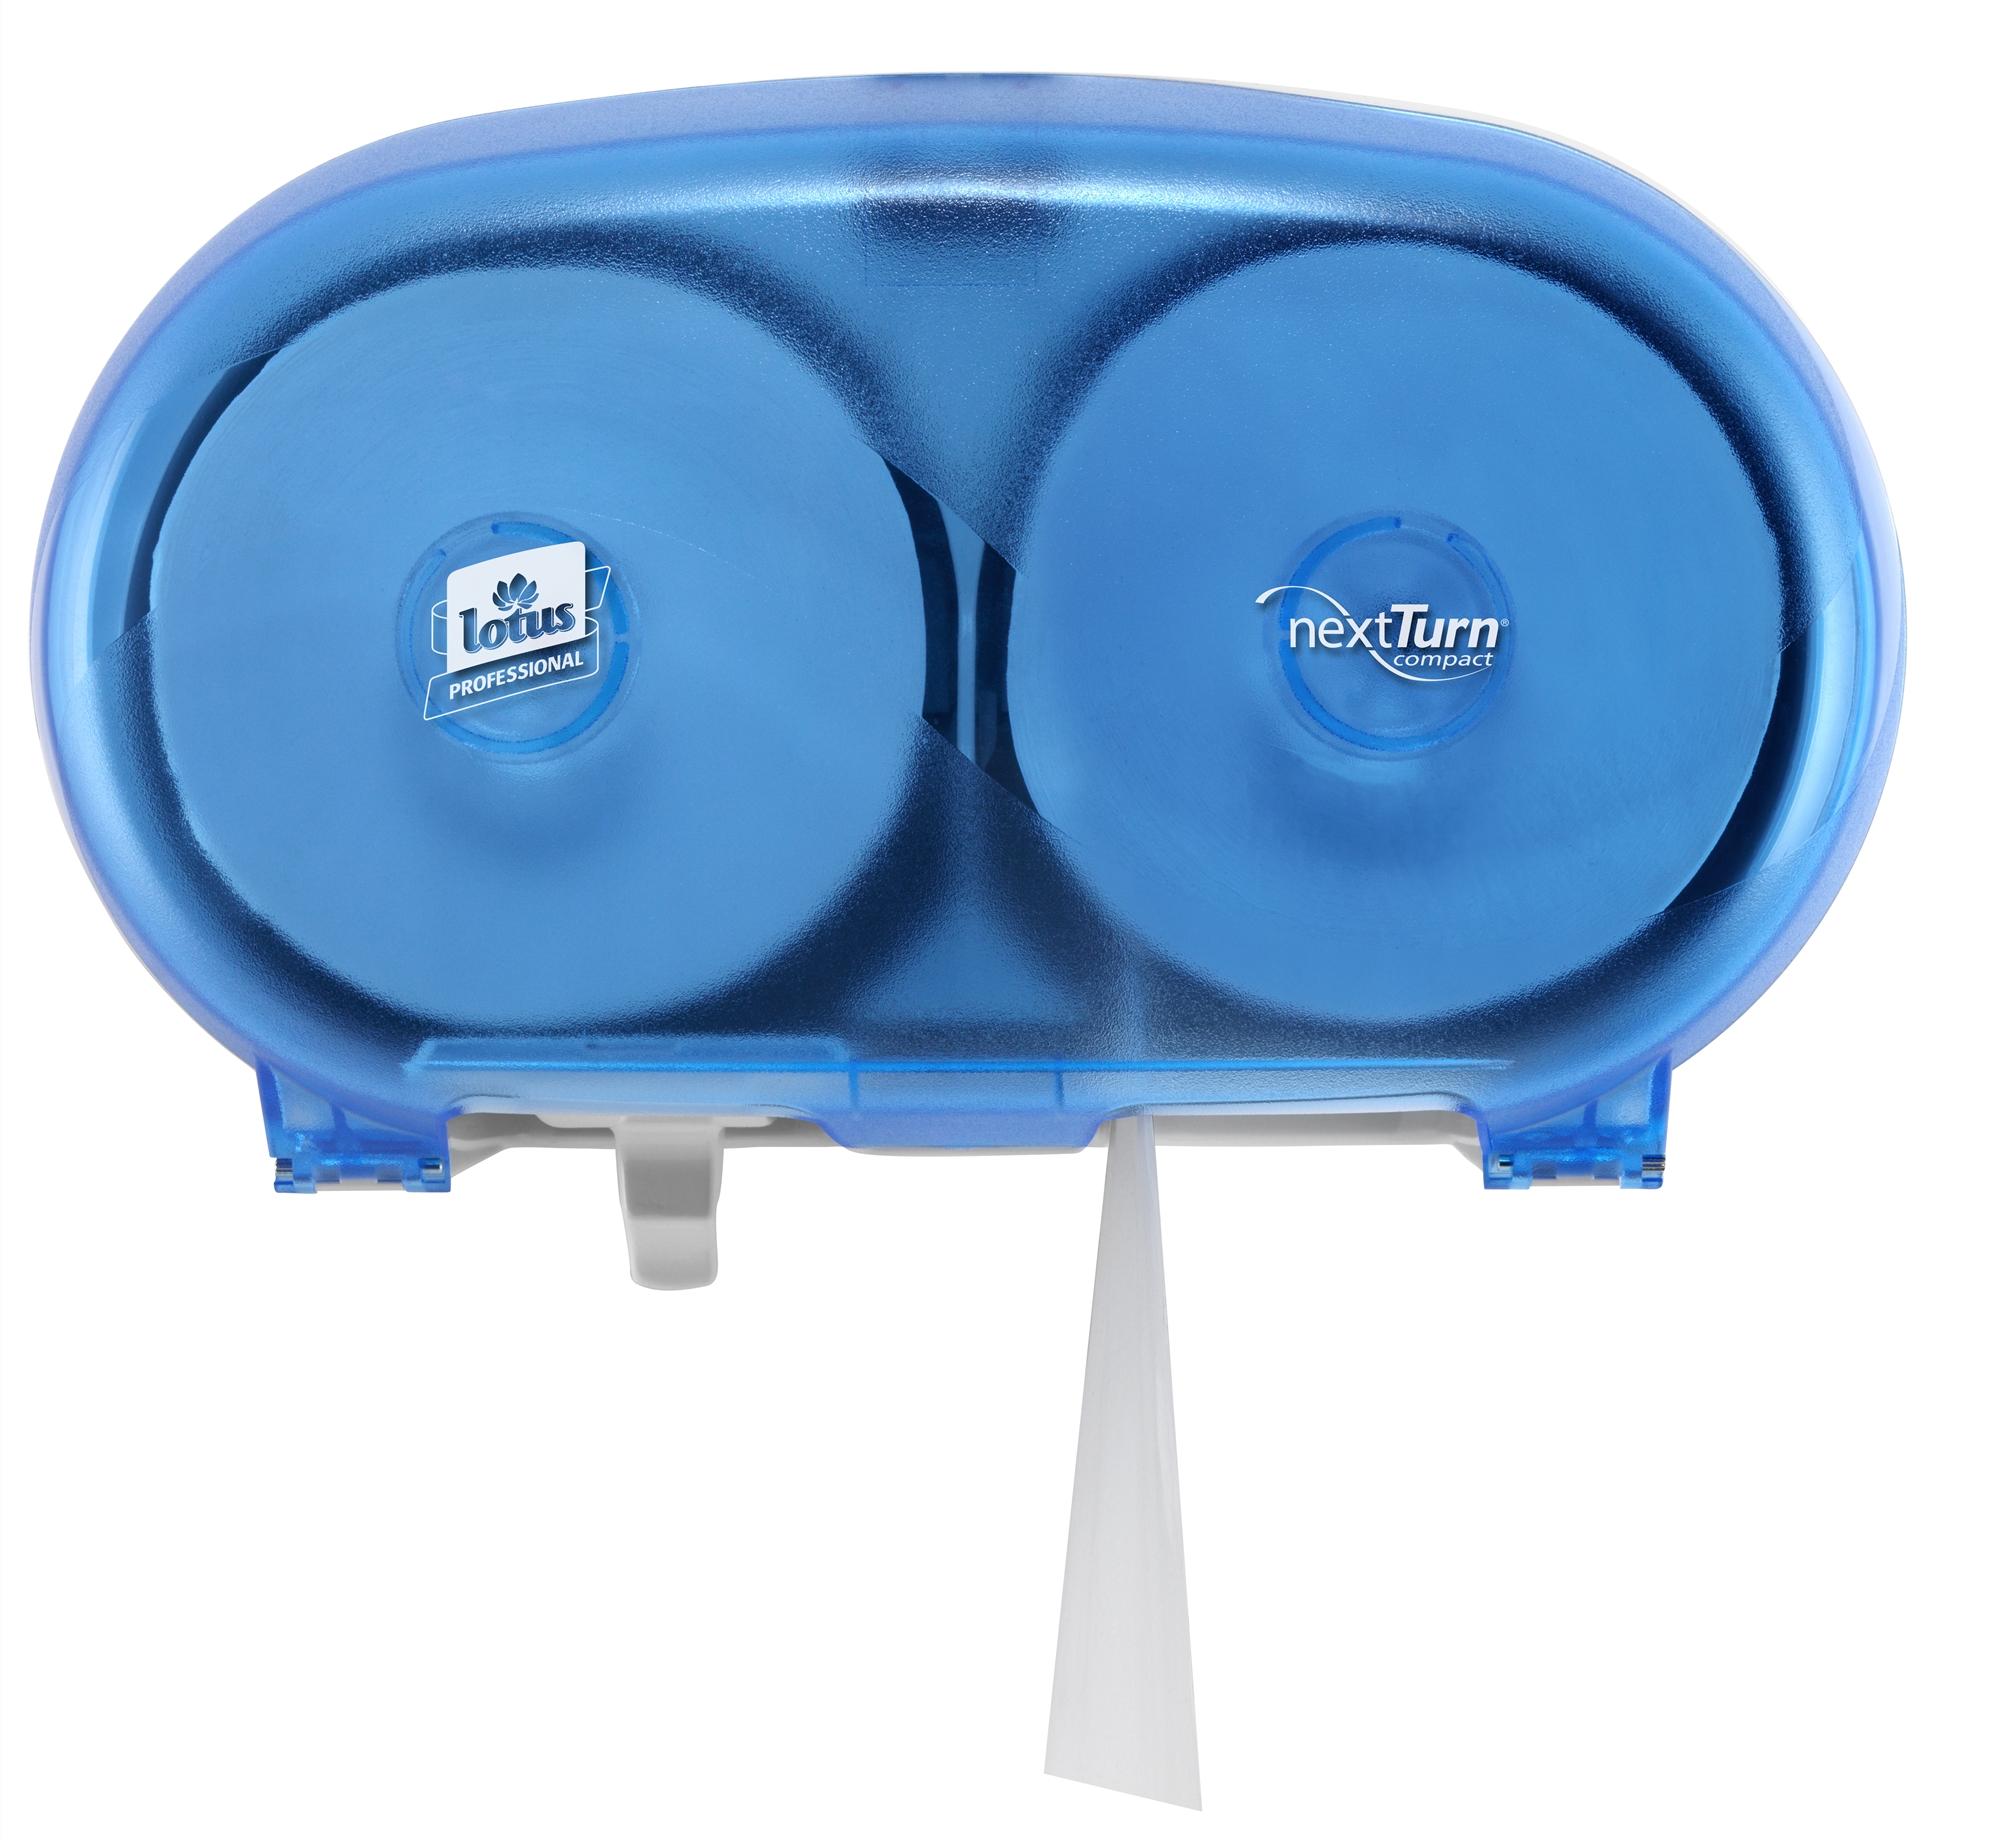 distributeur de papier toilette lotus compact nextturn. Black Bedroom Furniture Sets. Home Design Ideas